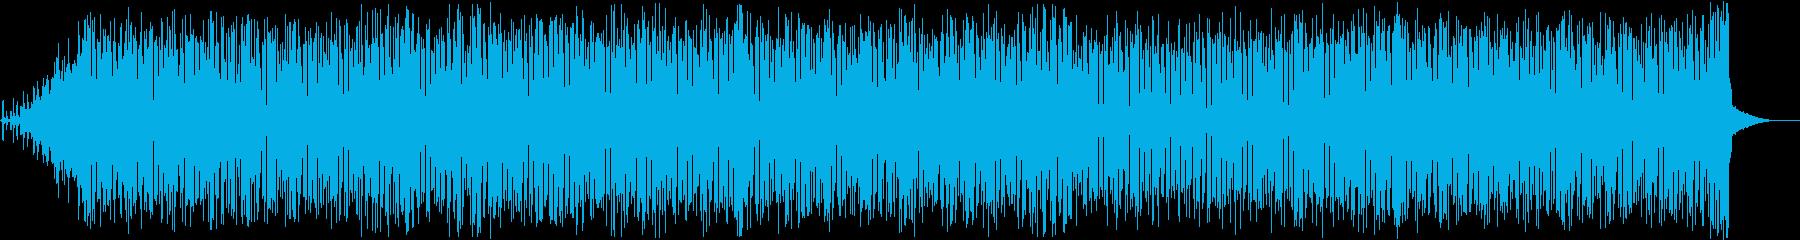 おしゃれでかわいいエレクトロポップの再生済みの波形